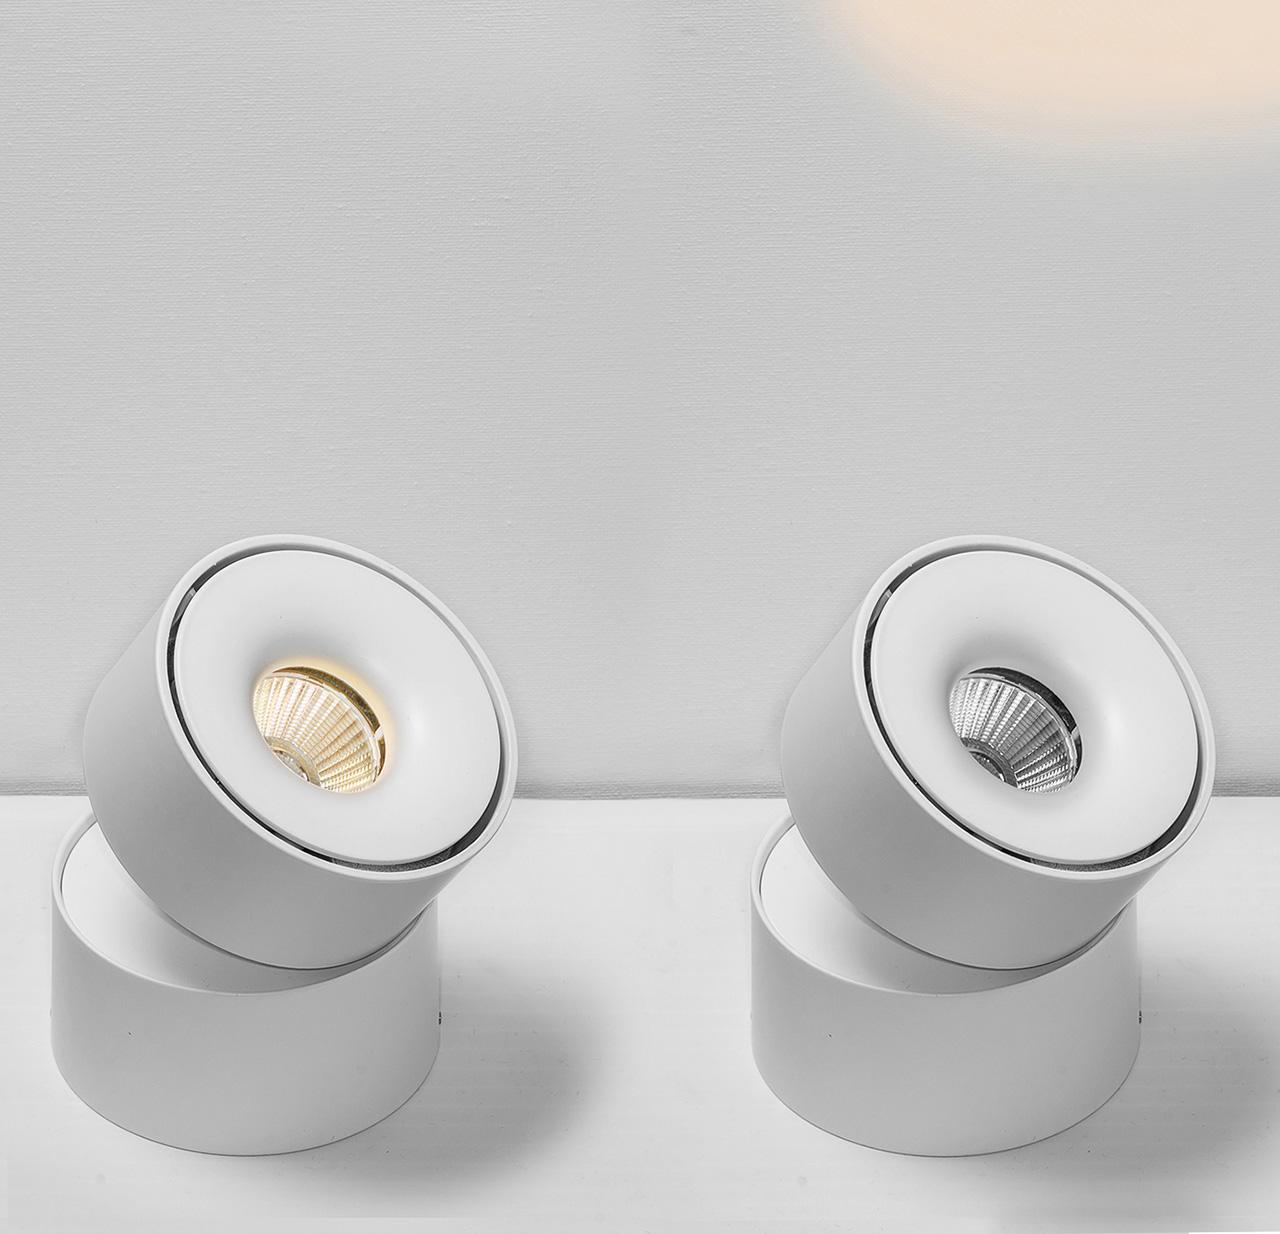 фотографии интерьерных светильников